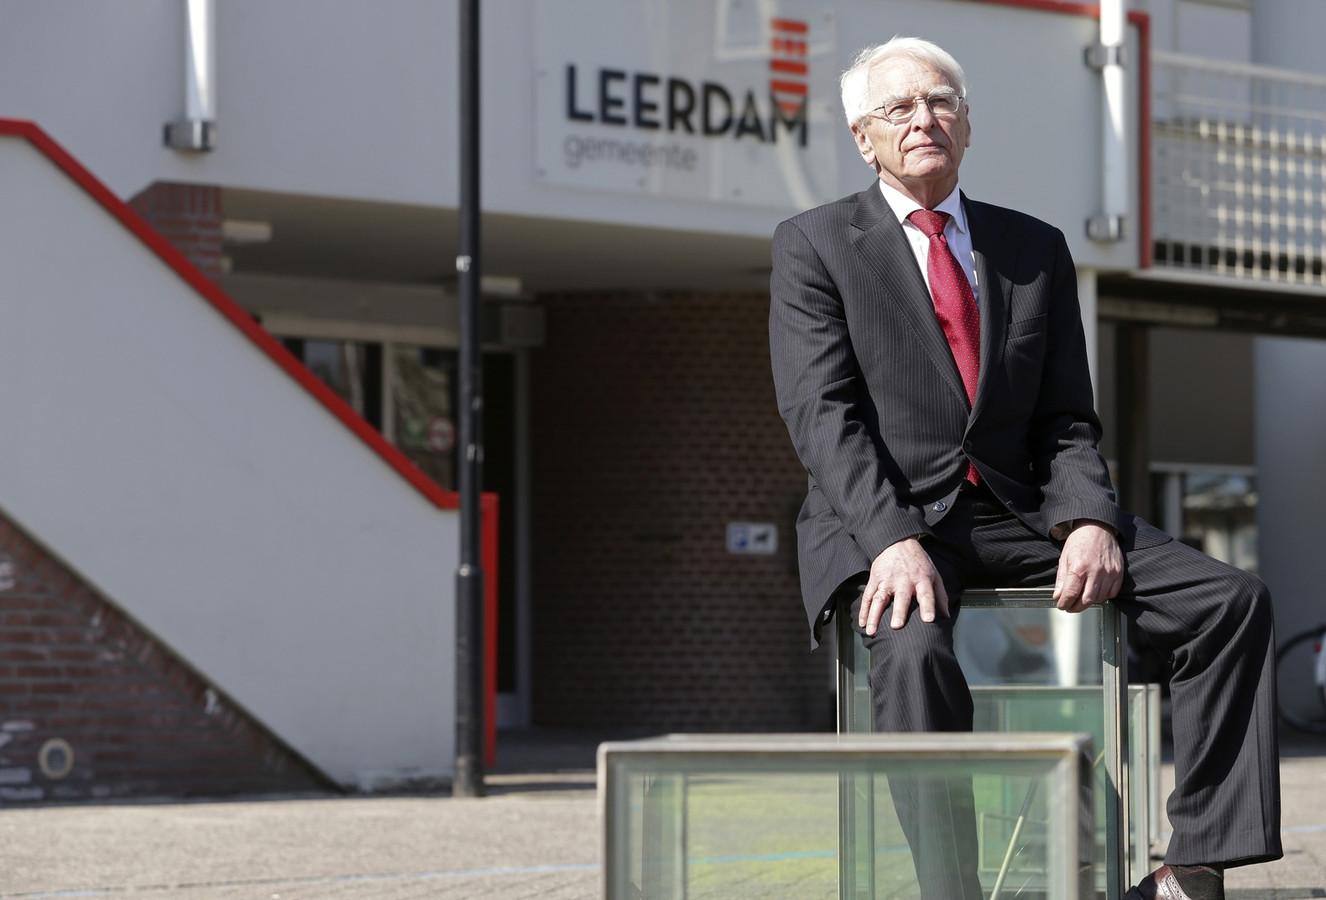 Waarnemend burgemeester Rinus Houtman in Leerdam.